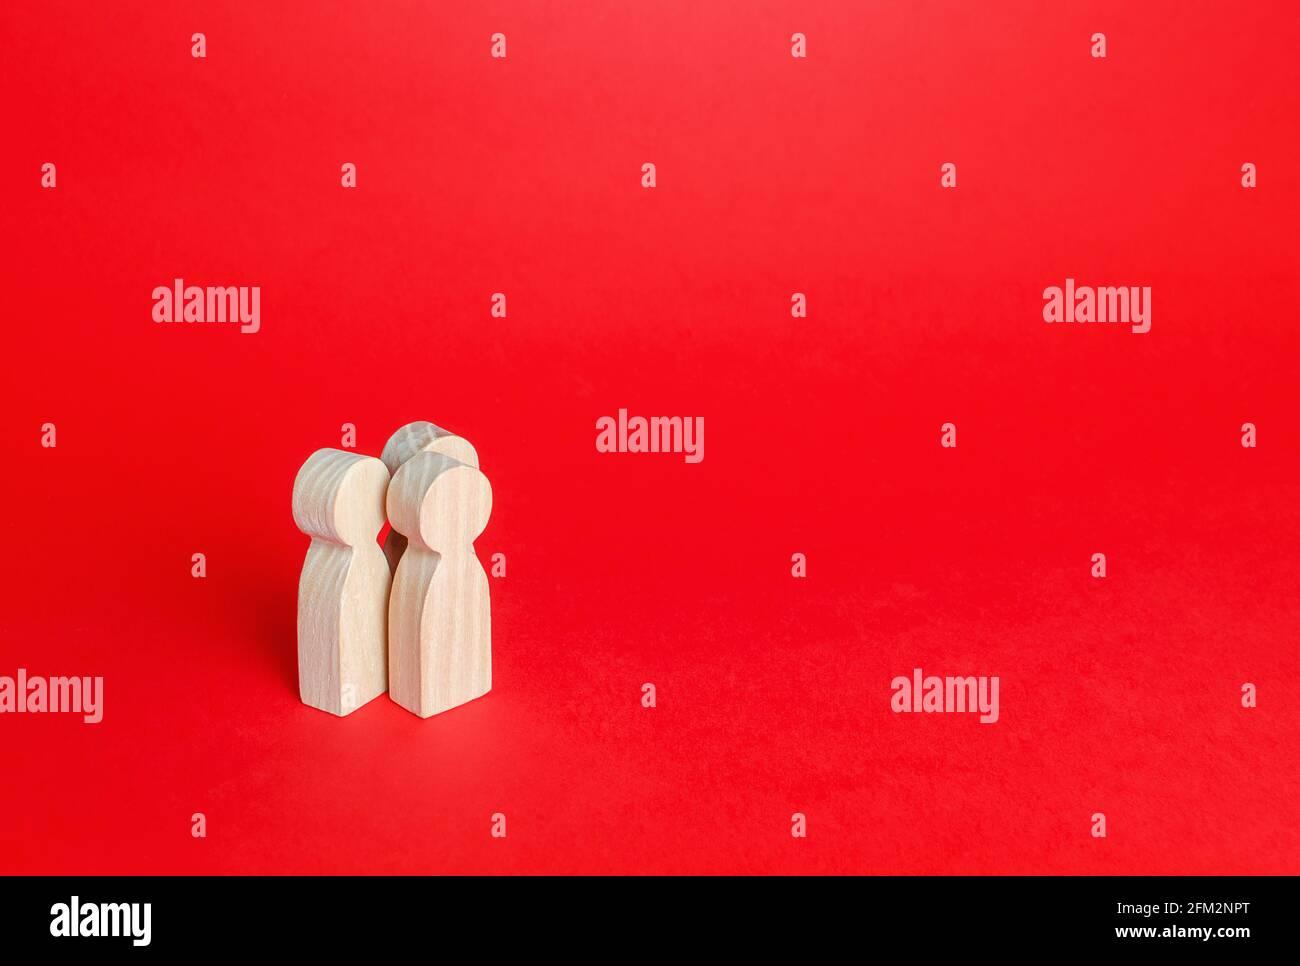 Tres figuras humanas sobre fondo rojo. Comunicación y discusión. Relaciones amistosas. Una reunión. Asistencia, cooperación y colaboración. PLA Foto de stock